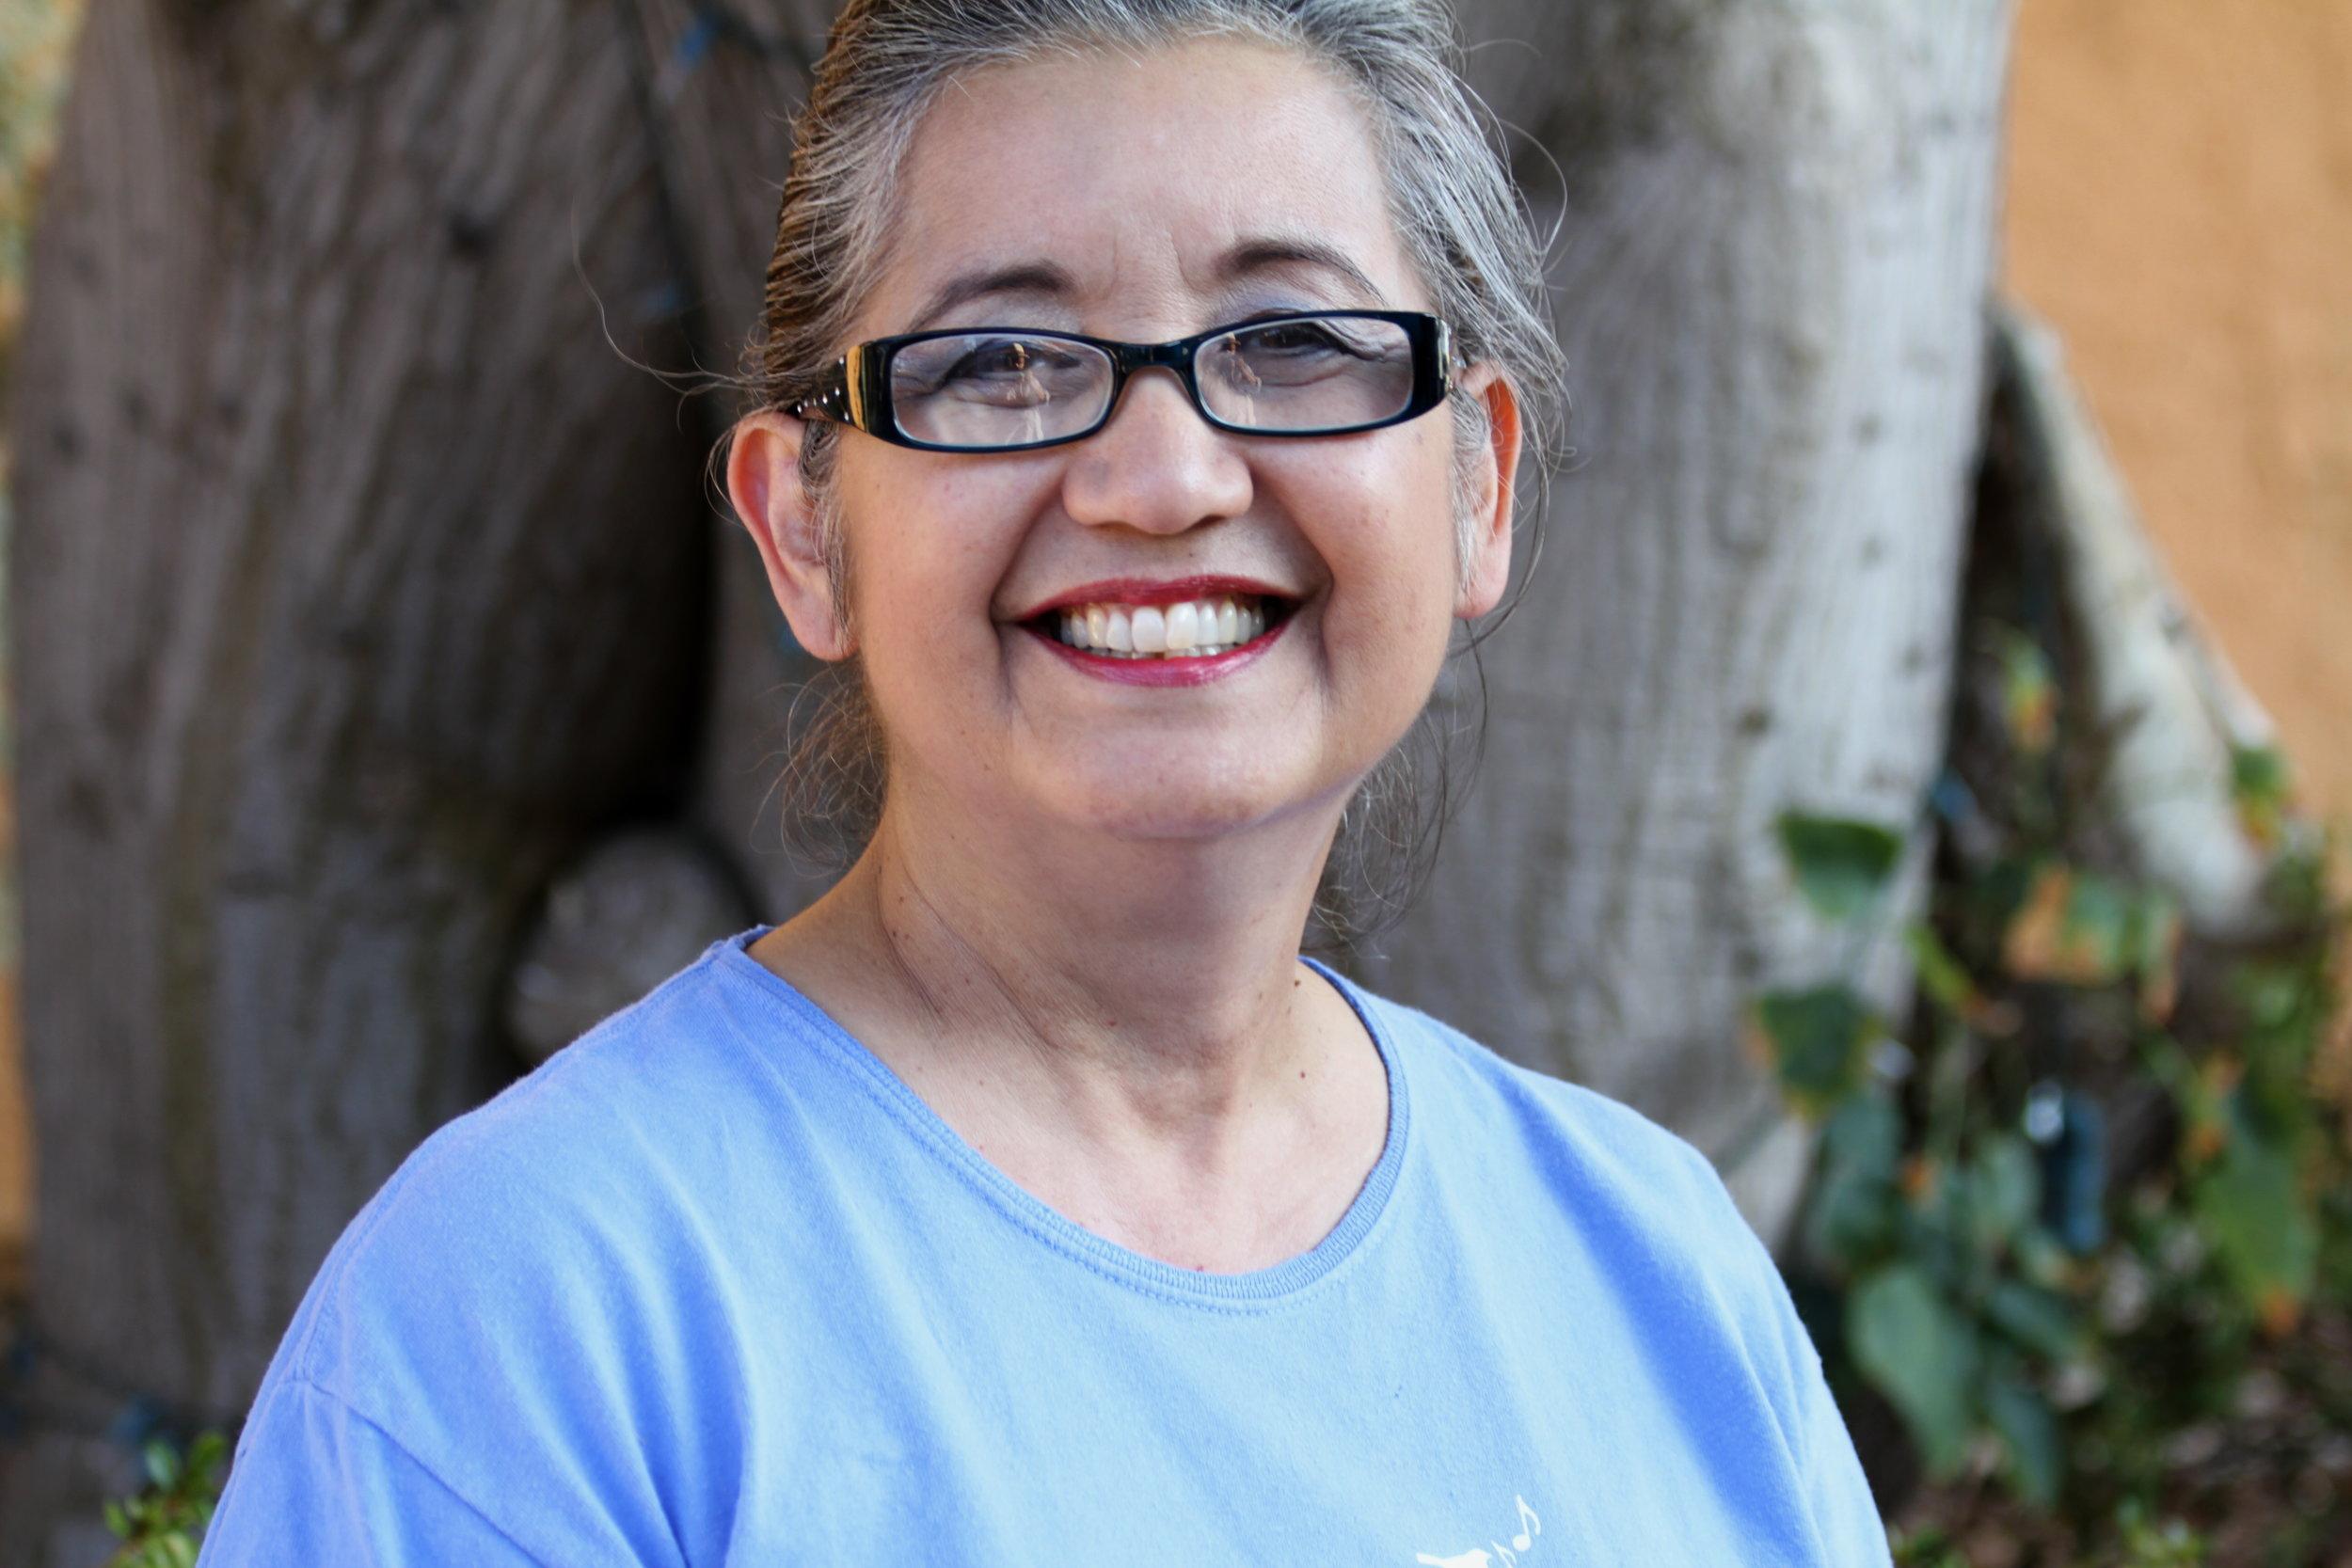 Juanita Lopez